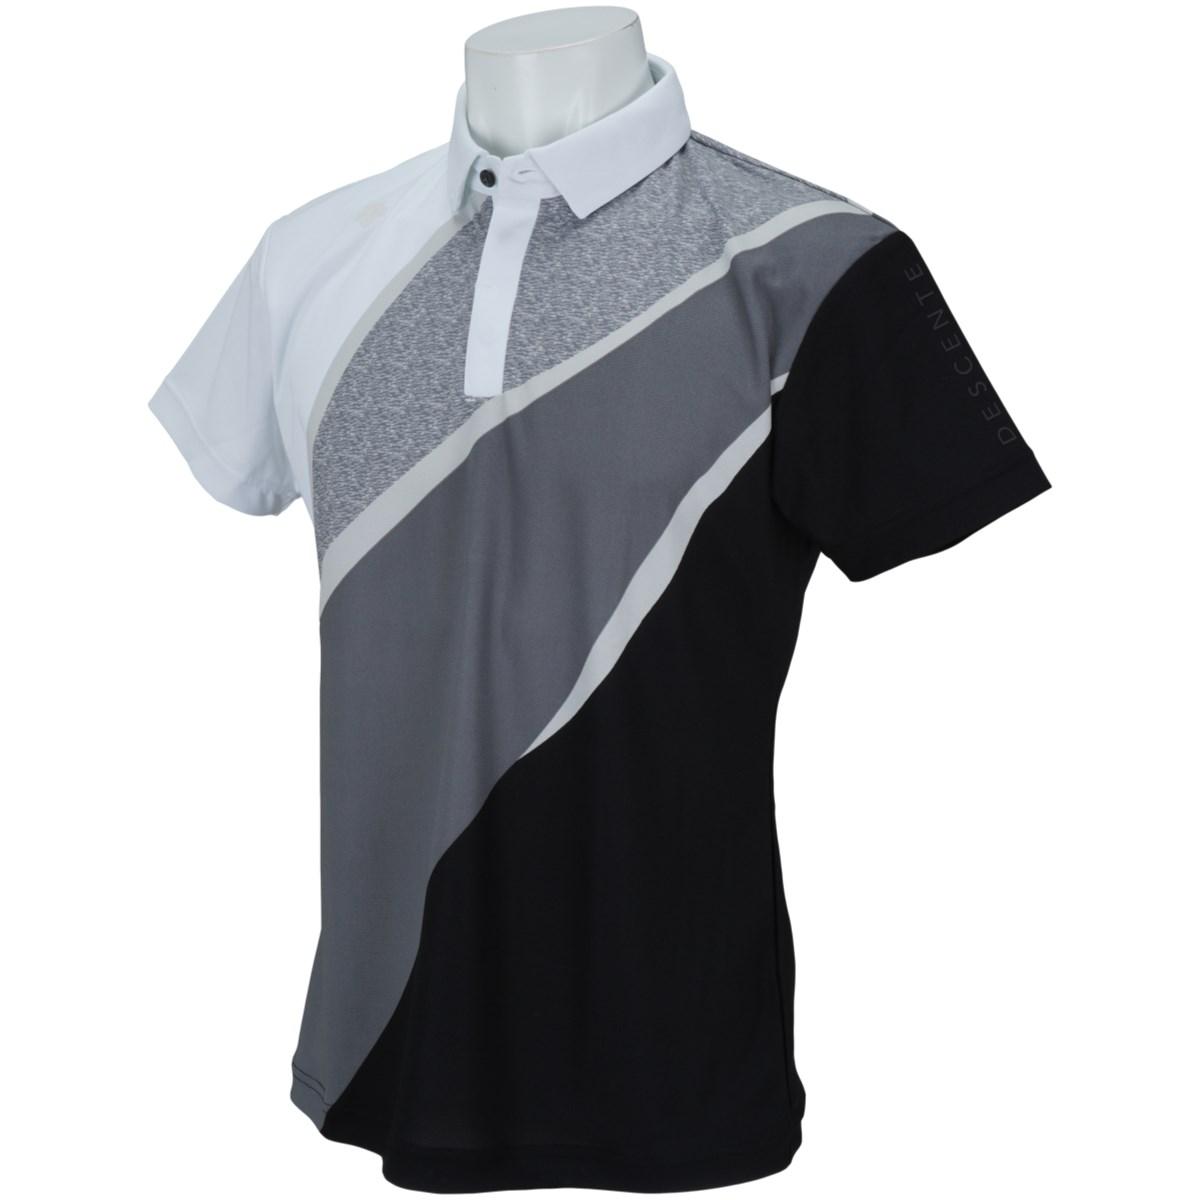 デサントゴルフ DESCENTE GOLF ECO 鹿の子UMIプリント半袖ポロシャツ L ブラック 00